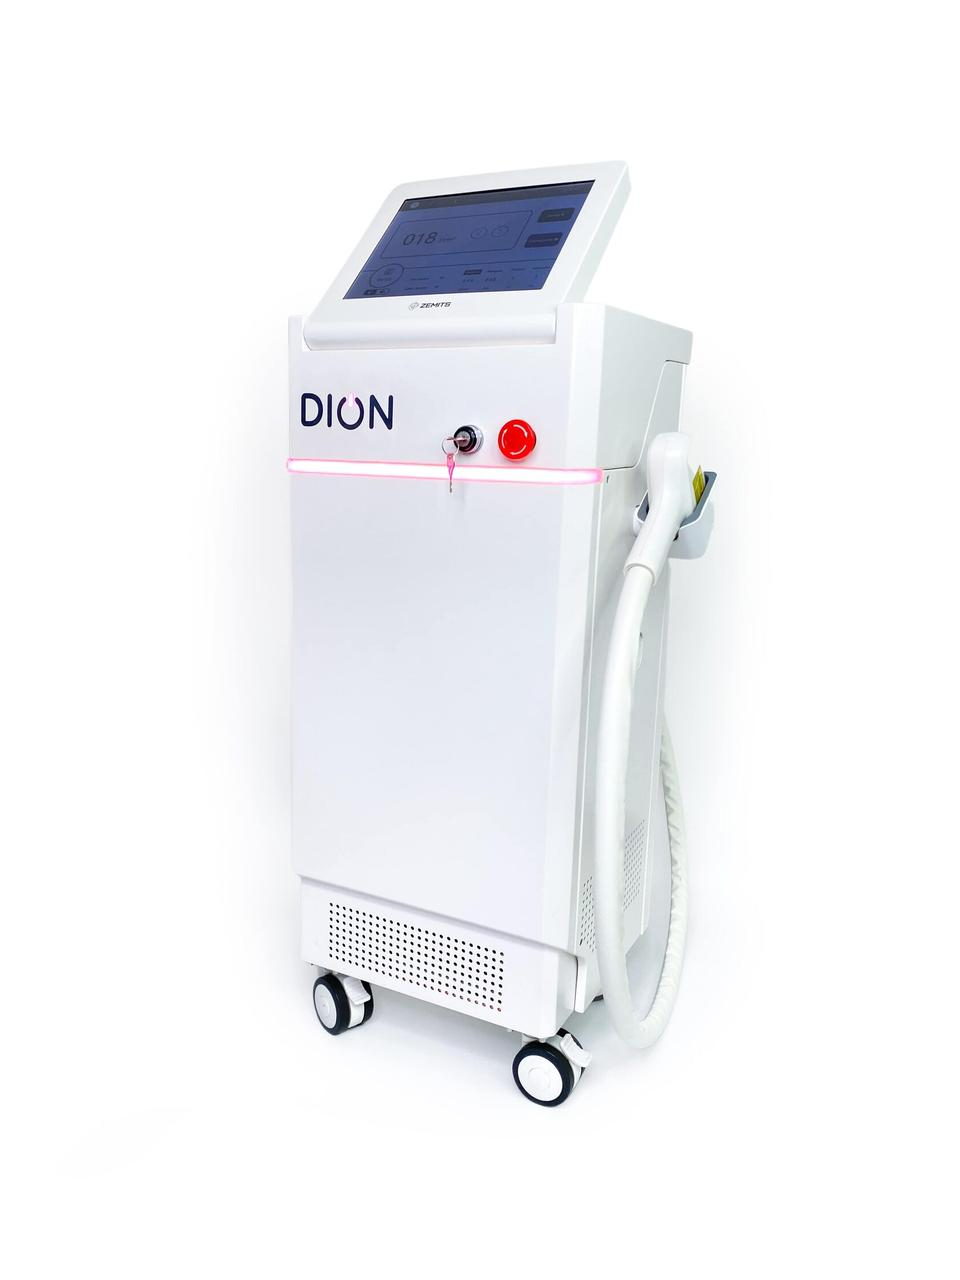 Zemits Dion Диодный лазер для удаления волос